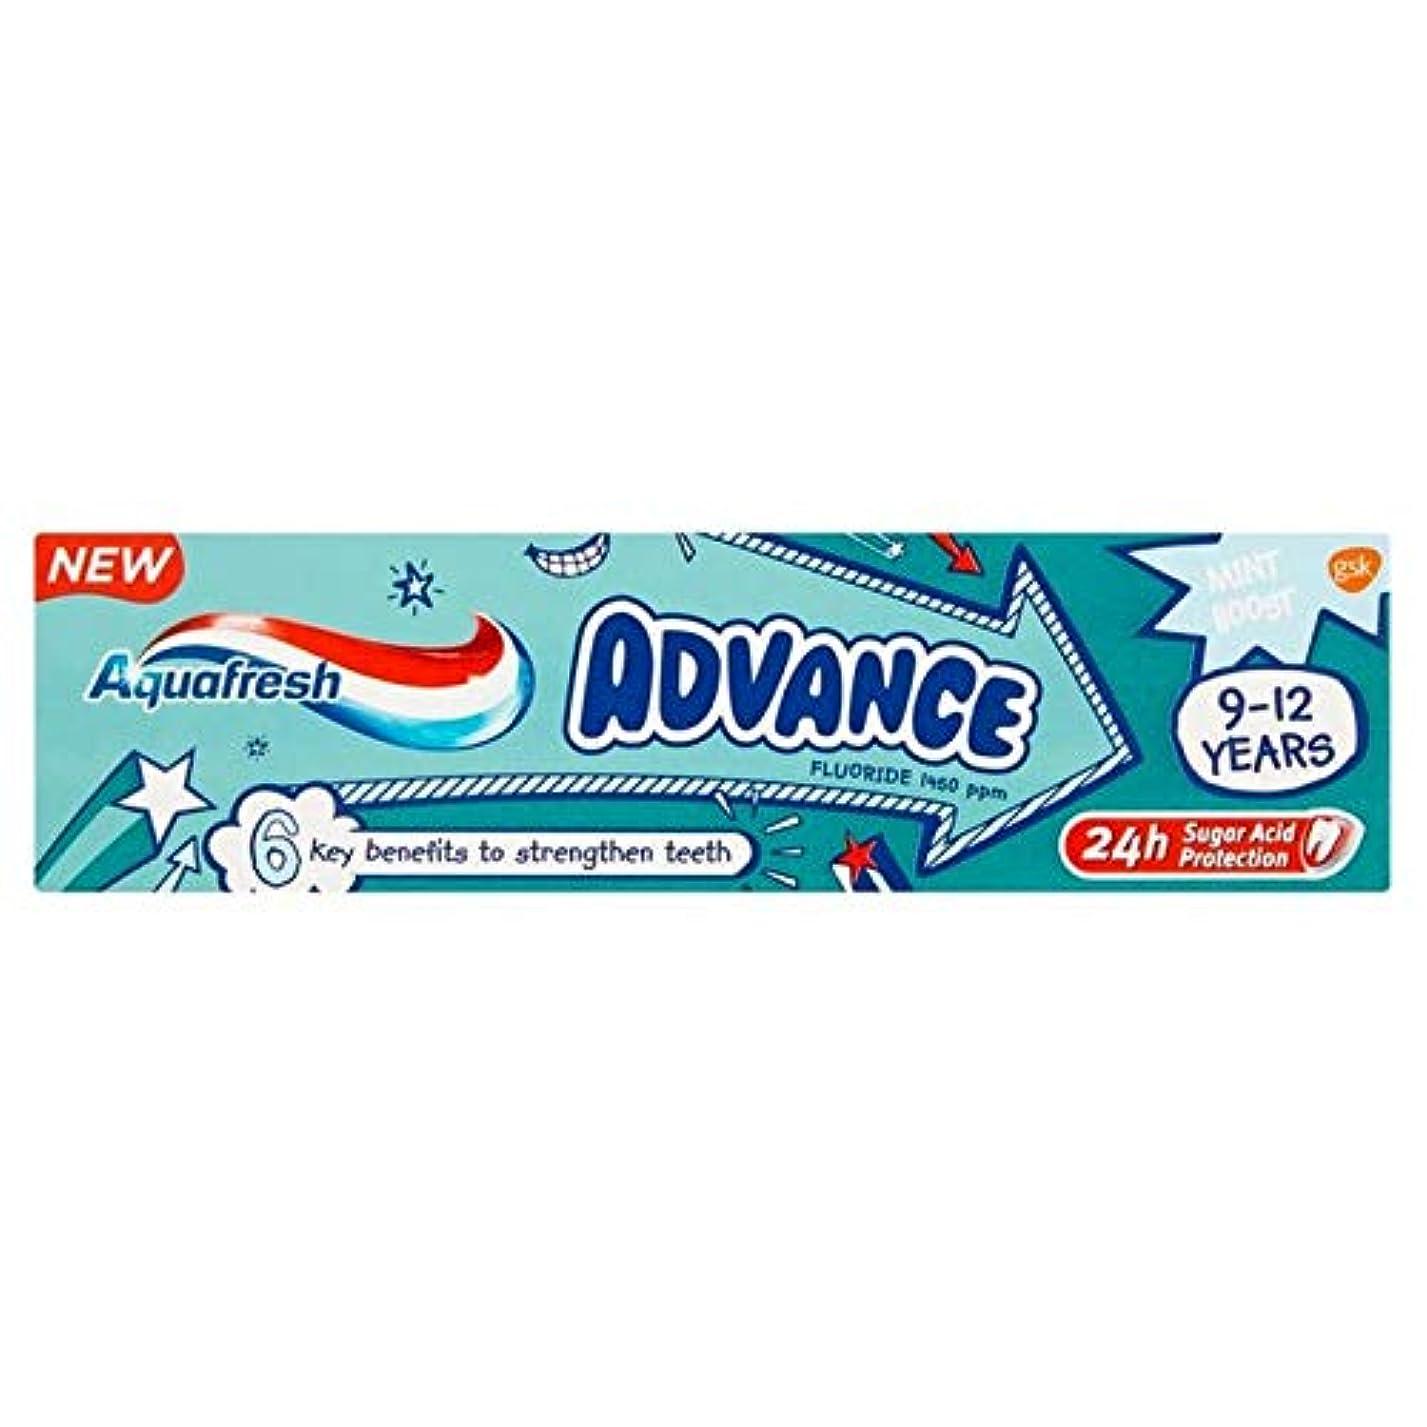 現代場所刈り取る[Aquafresh ] アクアフレッシュの事前9-12年間の子供の歯磨き粉75ミリリットル - Aquafresh Advance 9-12 Years Kids Toothpaste 75ml [並行輸入品]